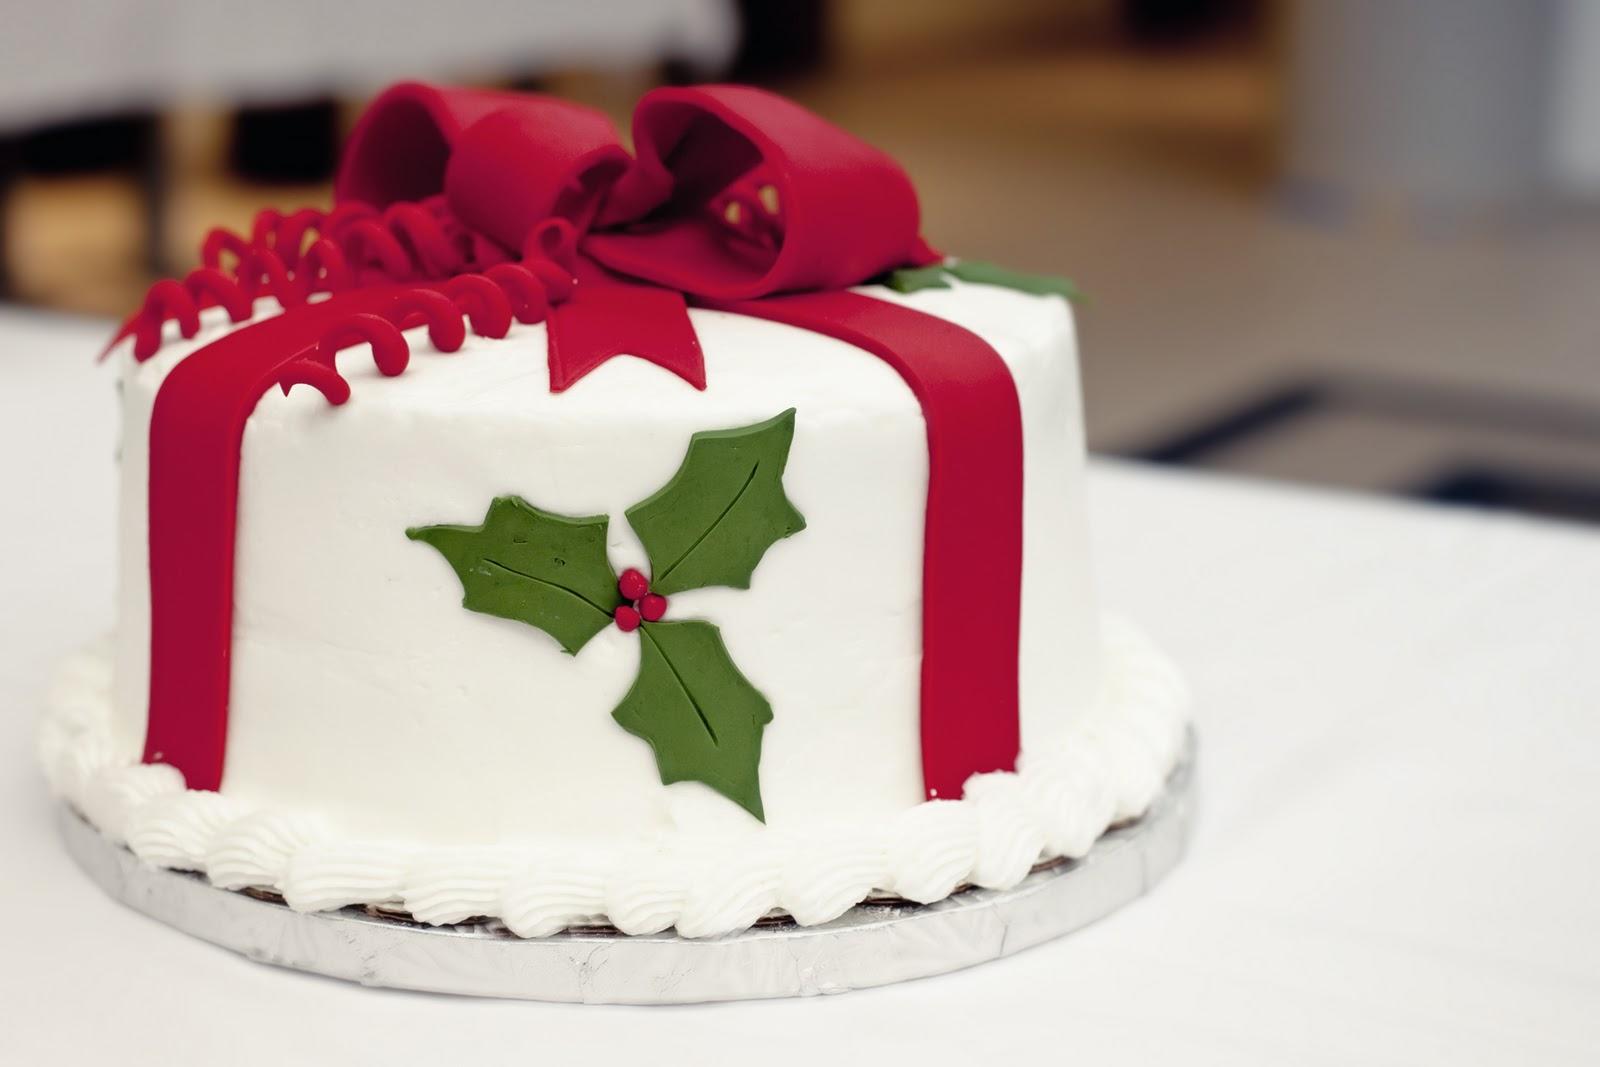 Patticakes Christmas Cake